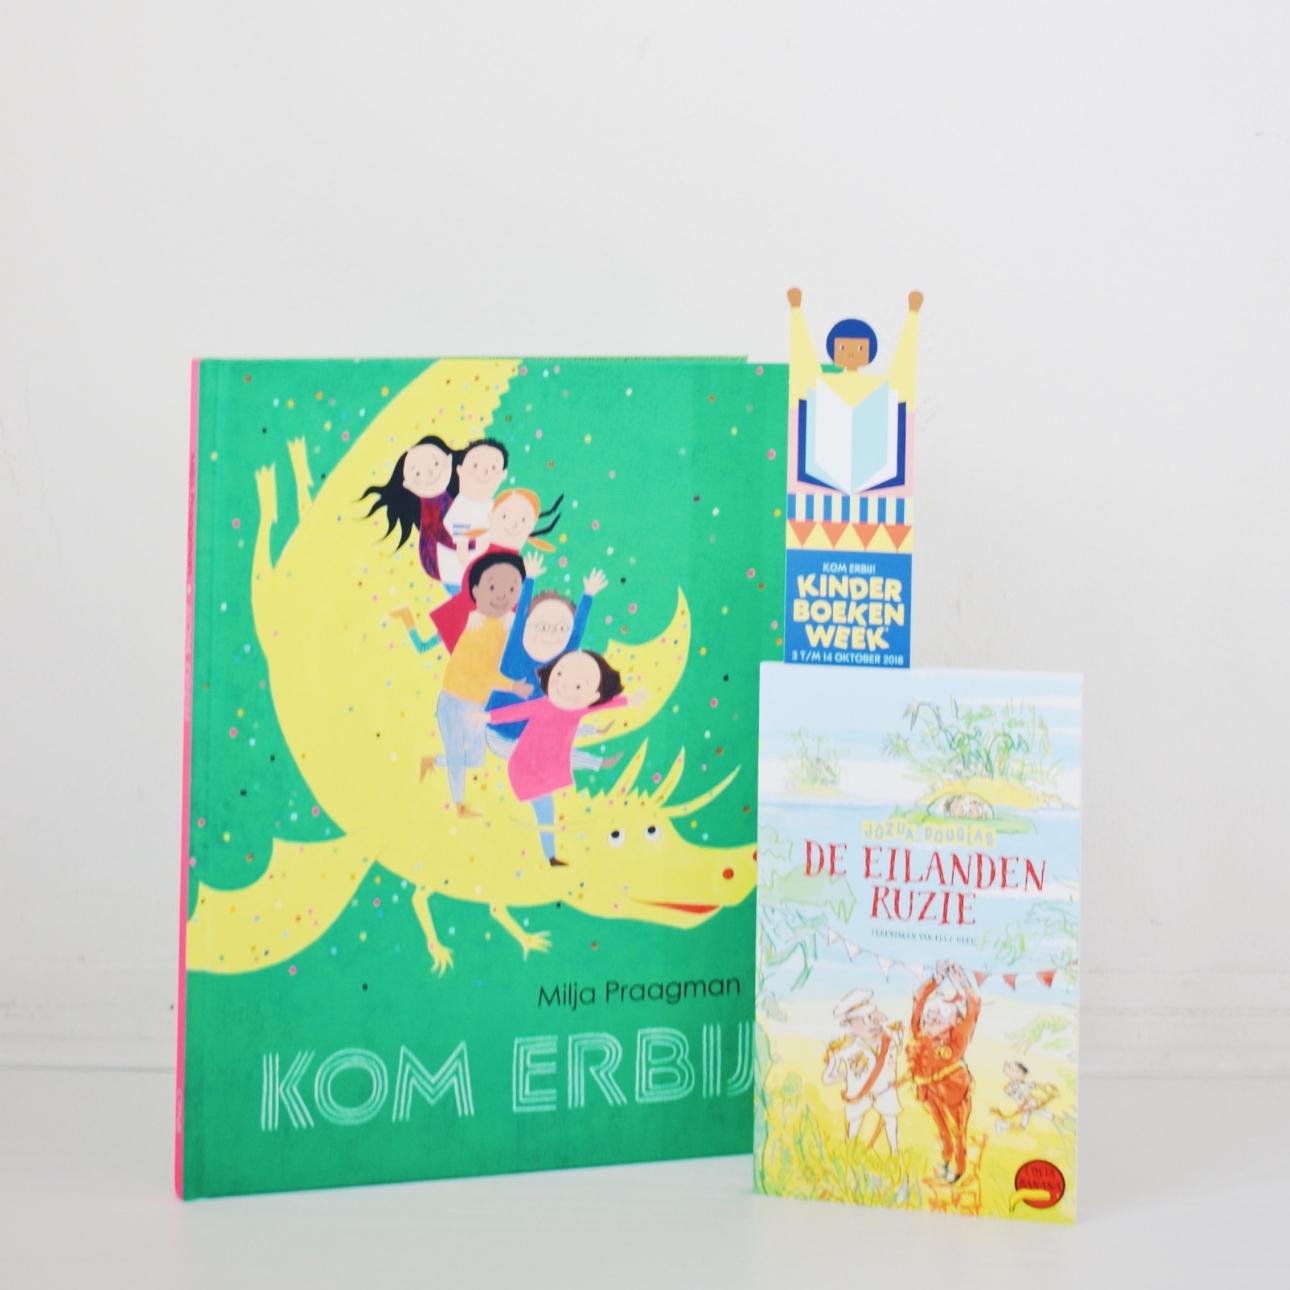 kinderboekenweek 2018 - kom erbij